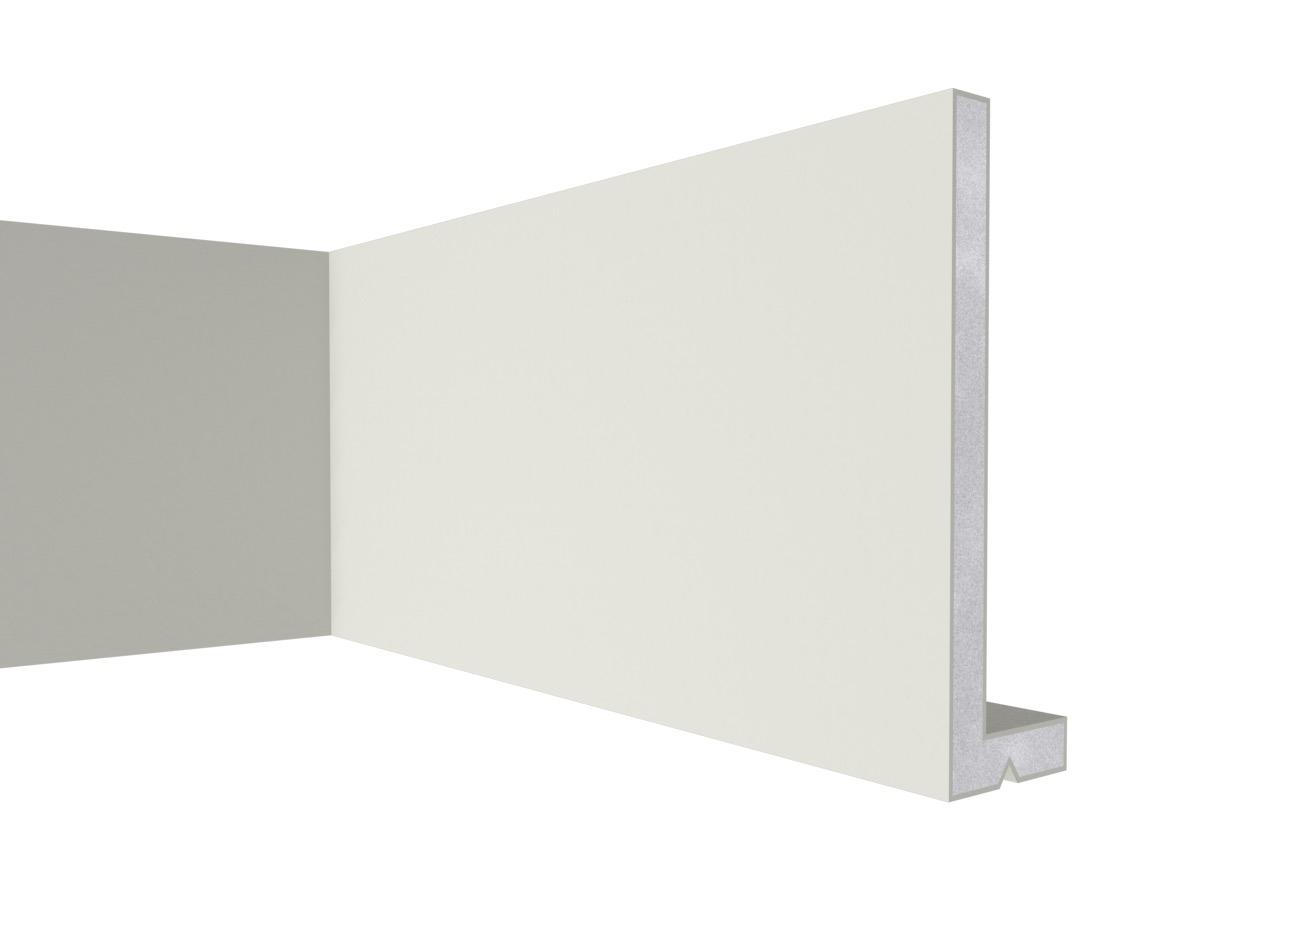 Front 24 - Cornice per balconi e frontalini